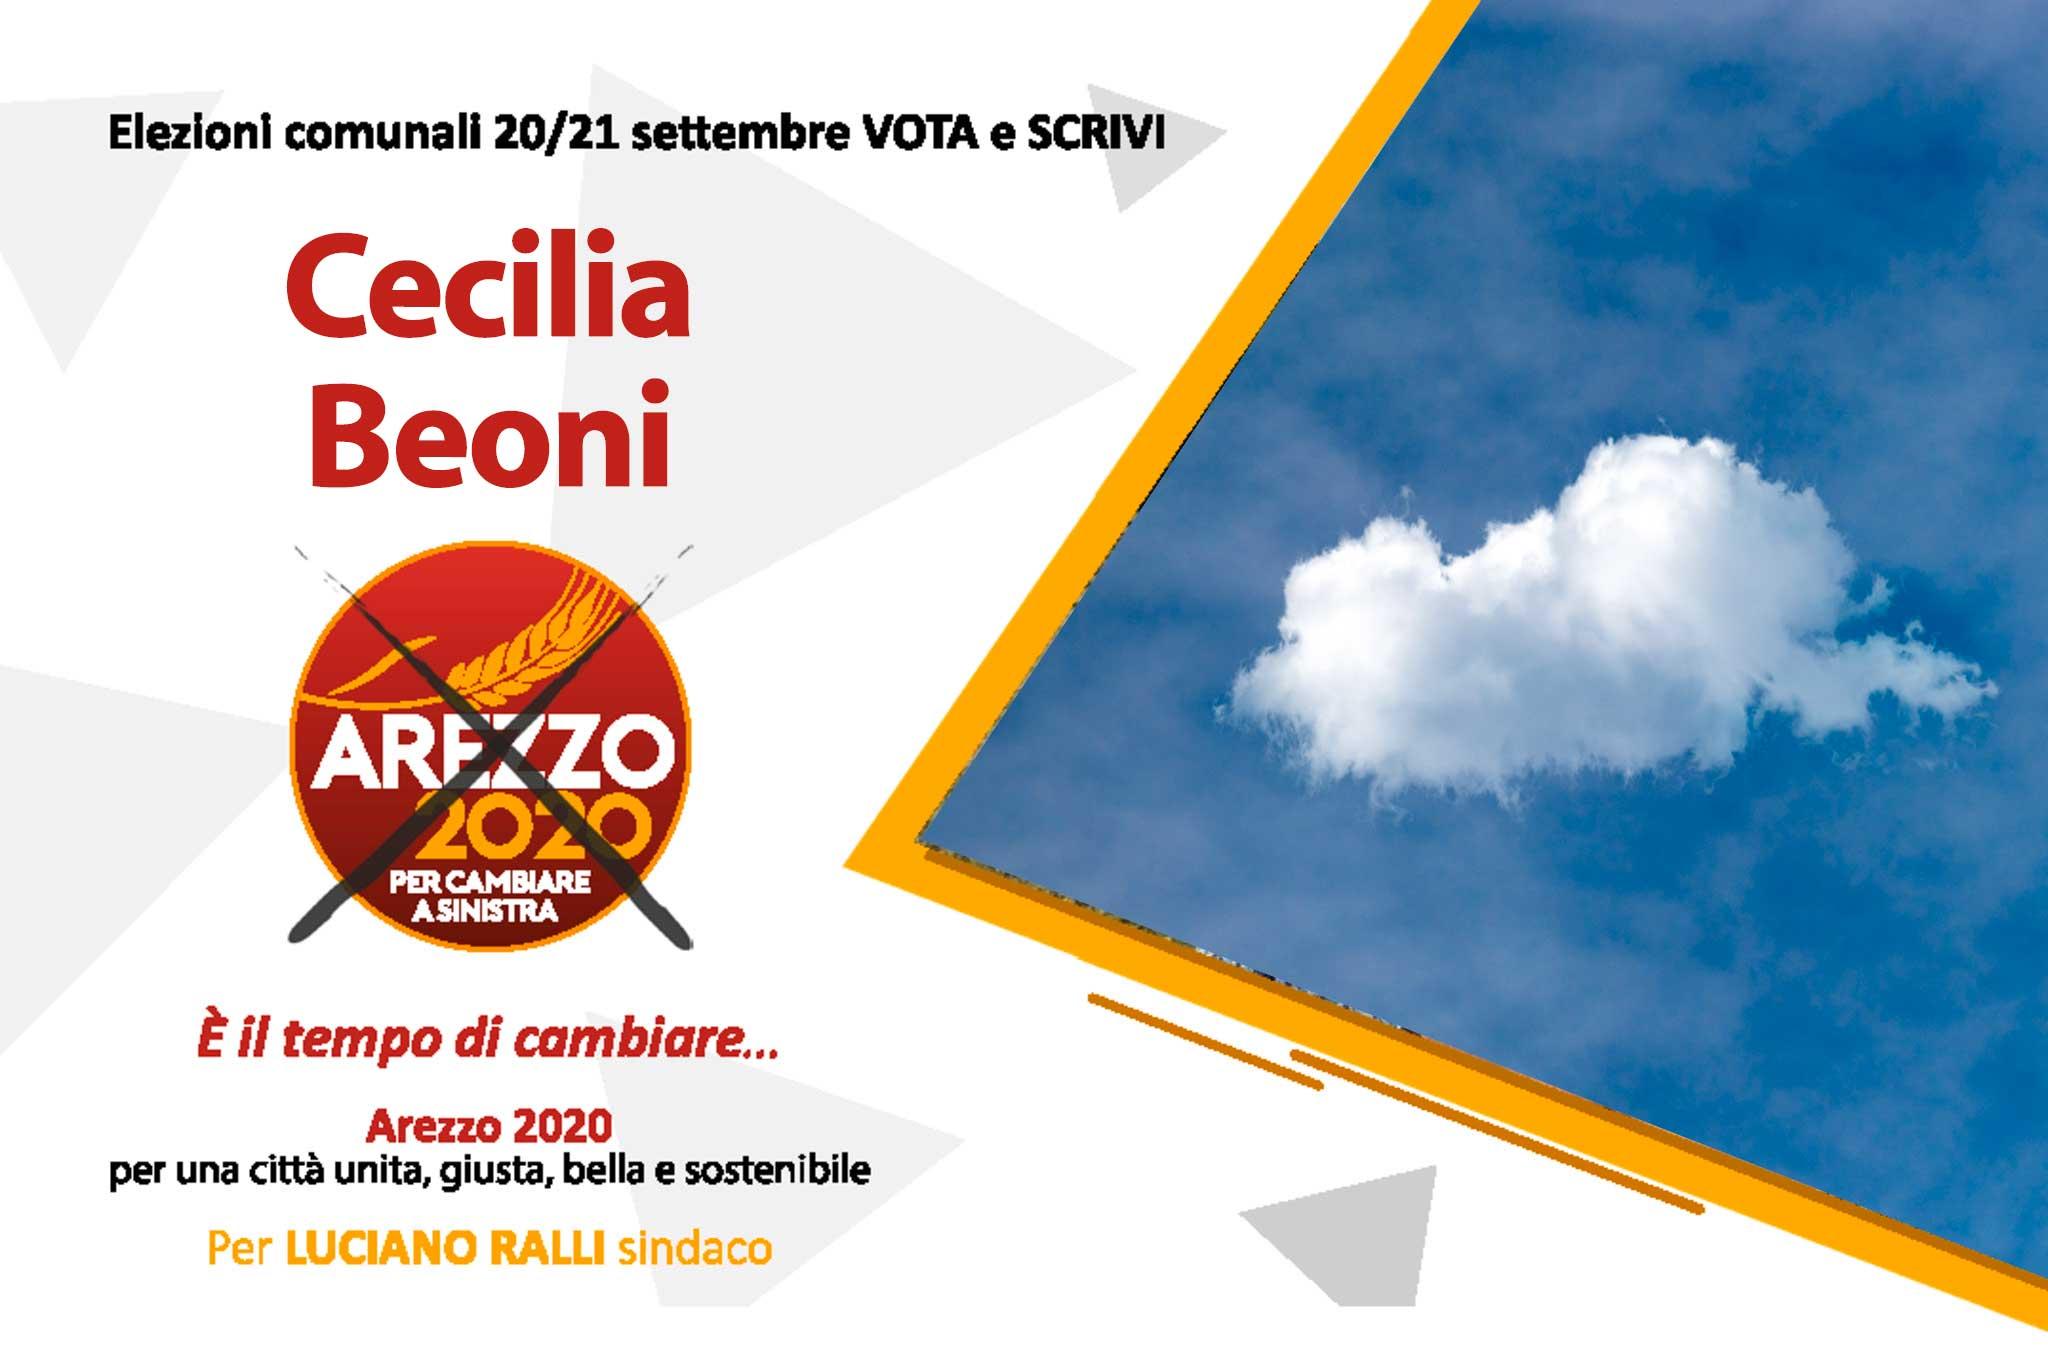 CeciliaBeoni